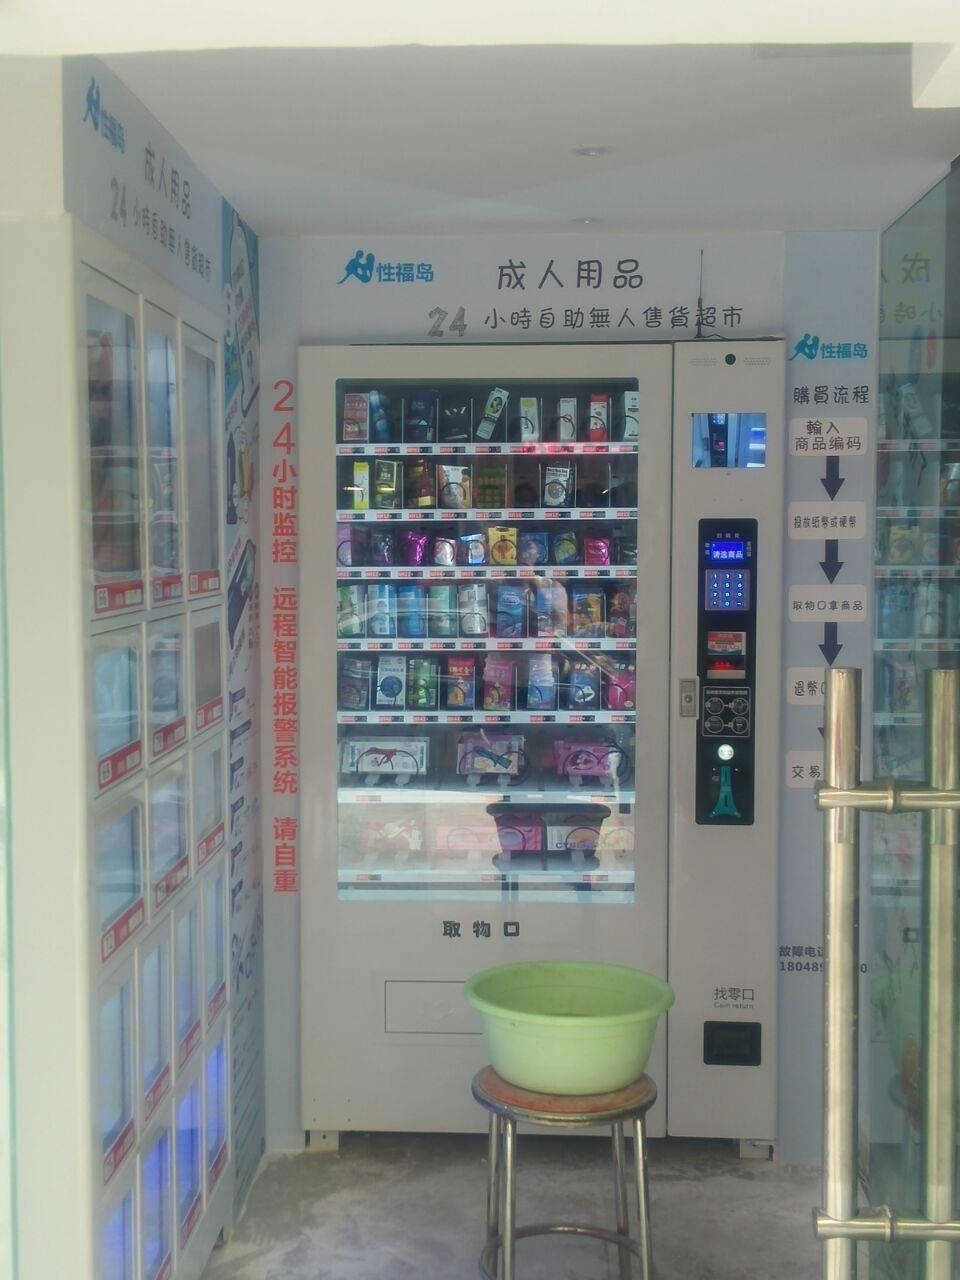 性福岛四川绵阳店,蓝色风格,个性张扬